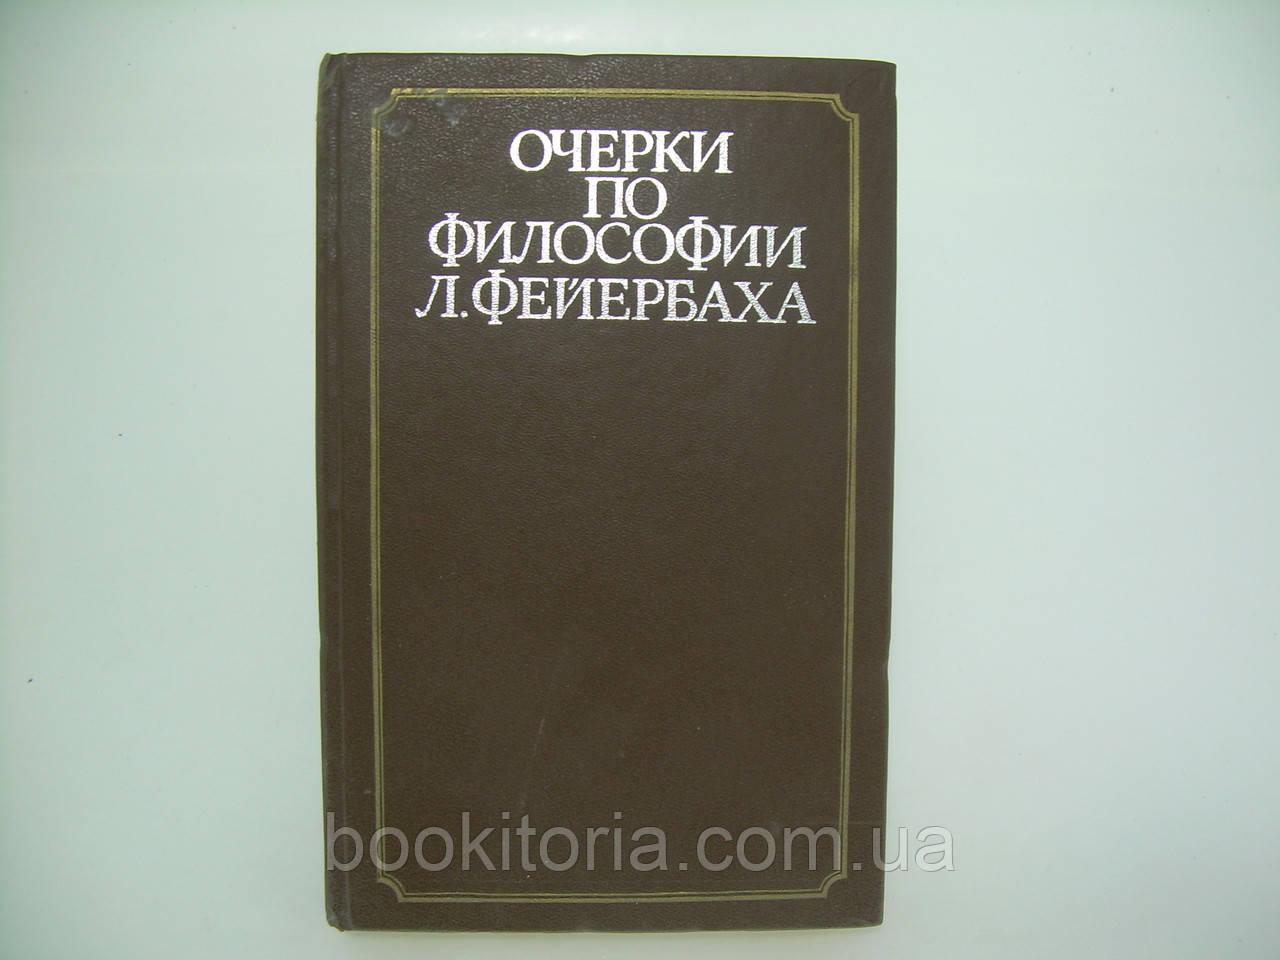 Очерки по философии Л. Фейербаха (б/у).